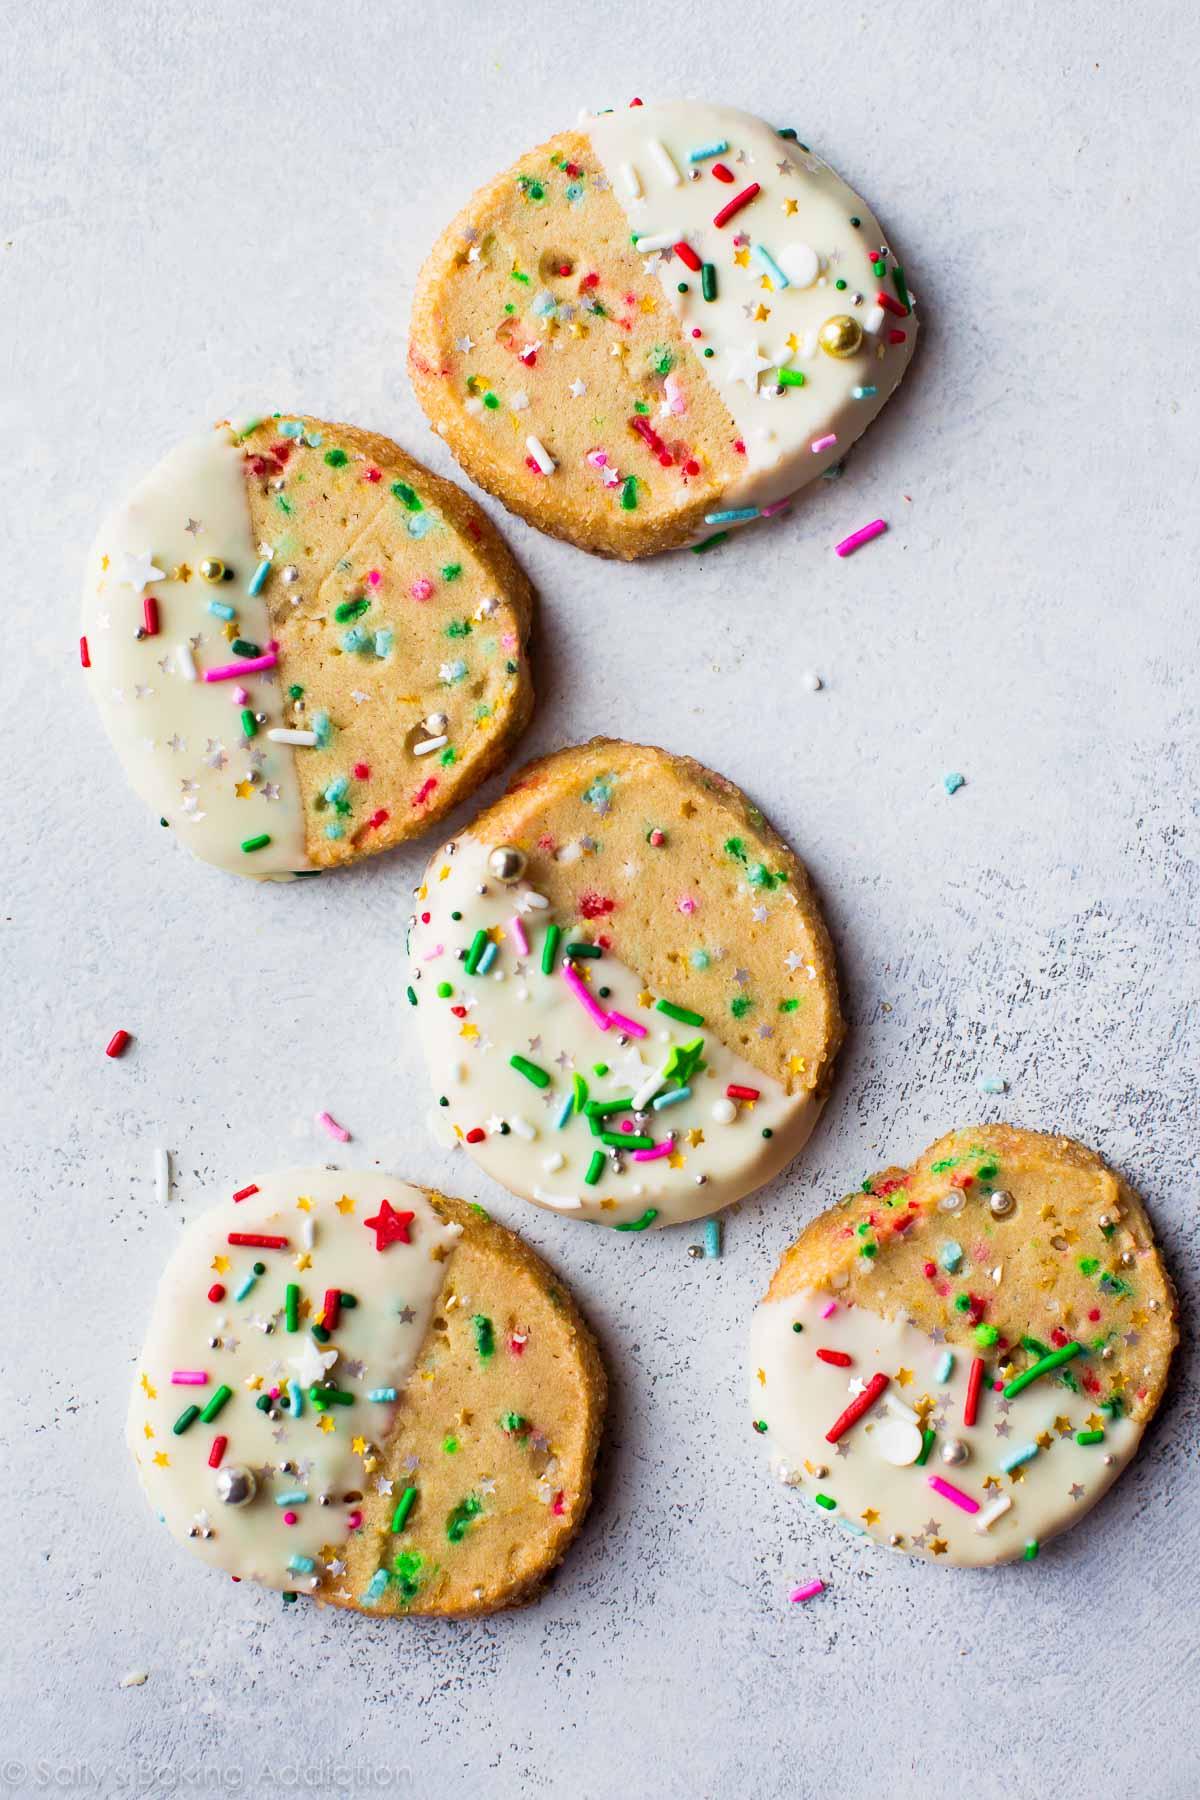 trancher les funfetti et cuire des biscuits avec la moitié de chaque biscuit trempée dans du chocolat blanc et garnie de vermicelles